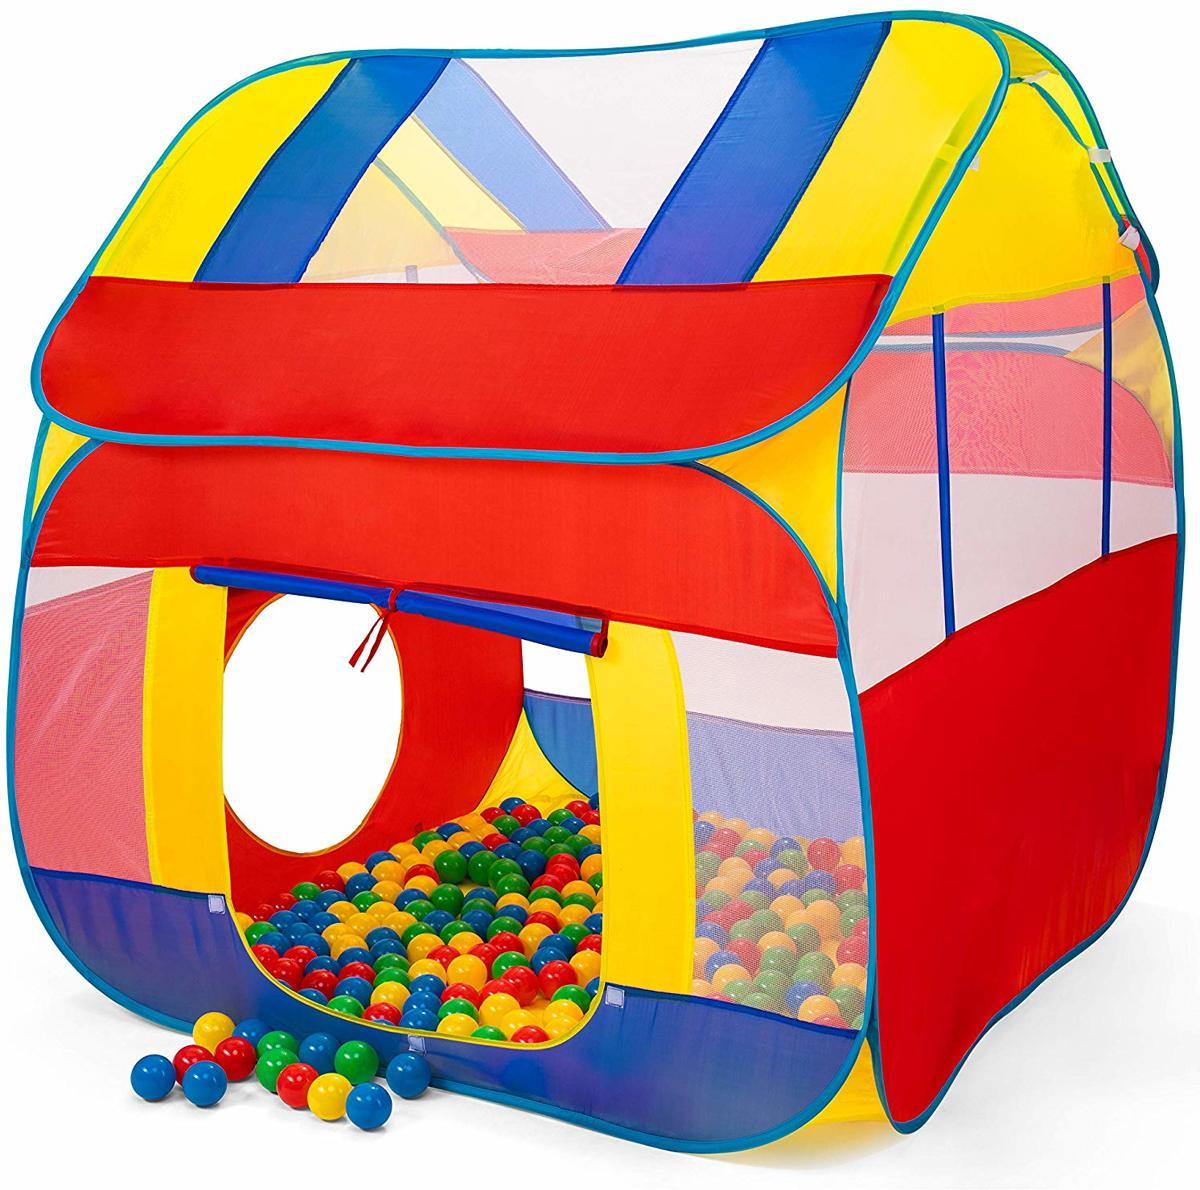 Ballenbad, speeltent, kindertent, met 300 ballen, voor binnen en buiten